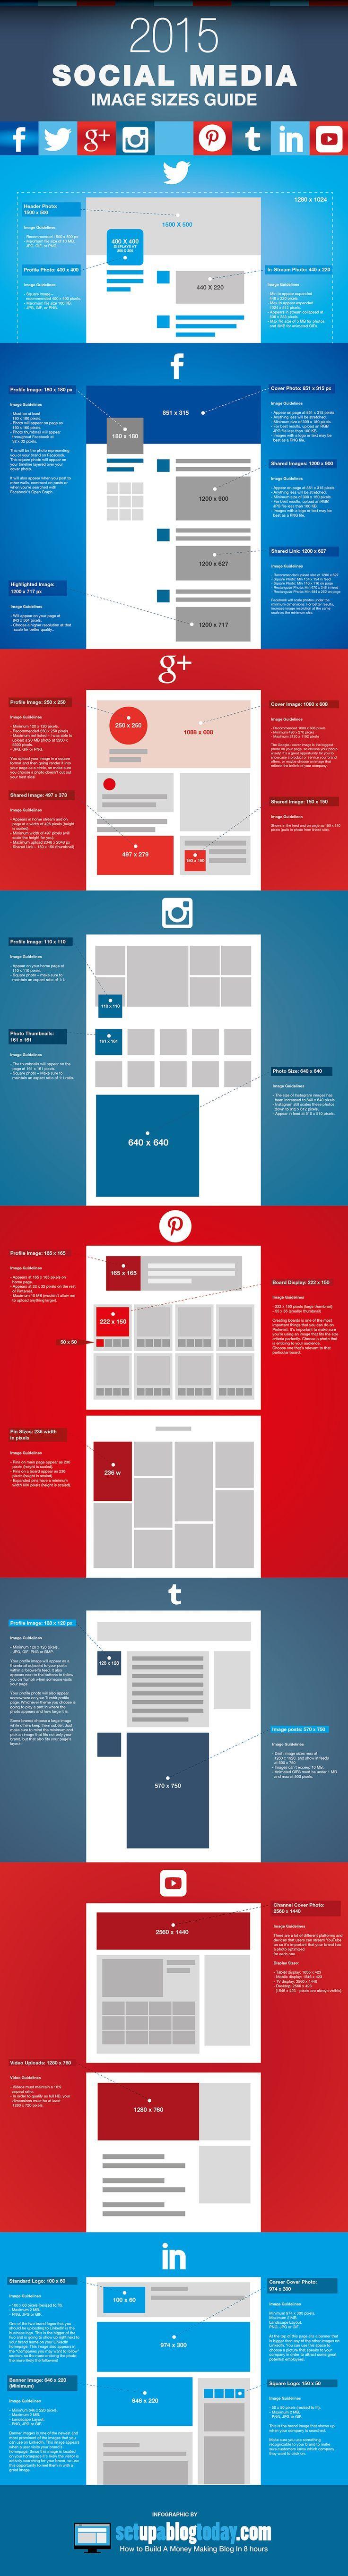 Guide : la taille des images sur les réseaux sociaux